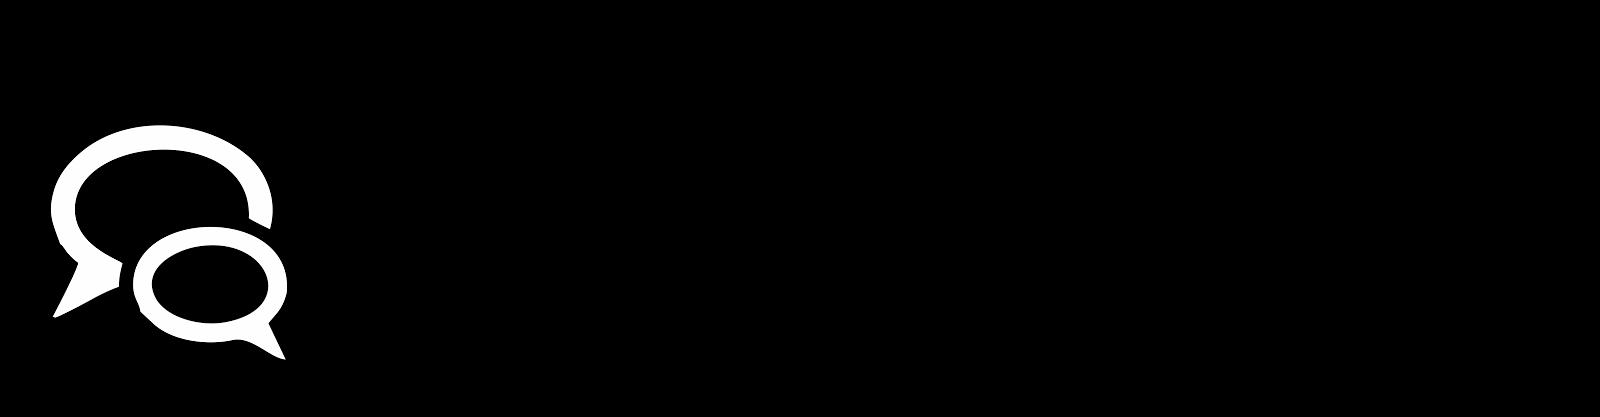 Hurukuro - Dzidziso DzeBonde NeChikapa